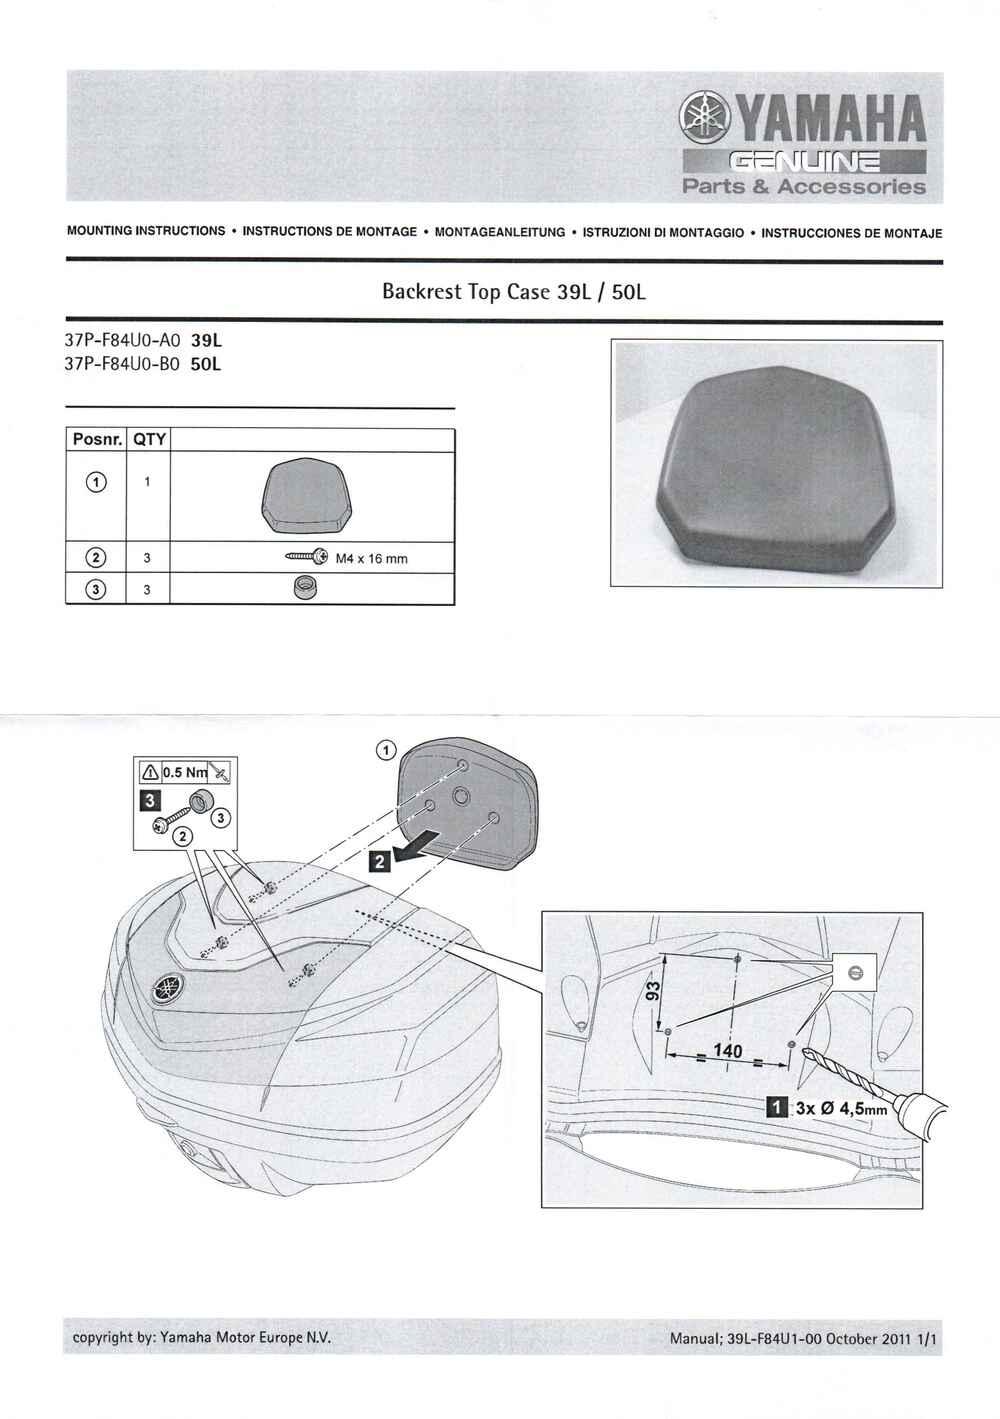 Montageanleitung Rückenlehne Top Case 39 Liter